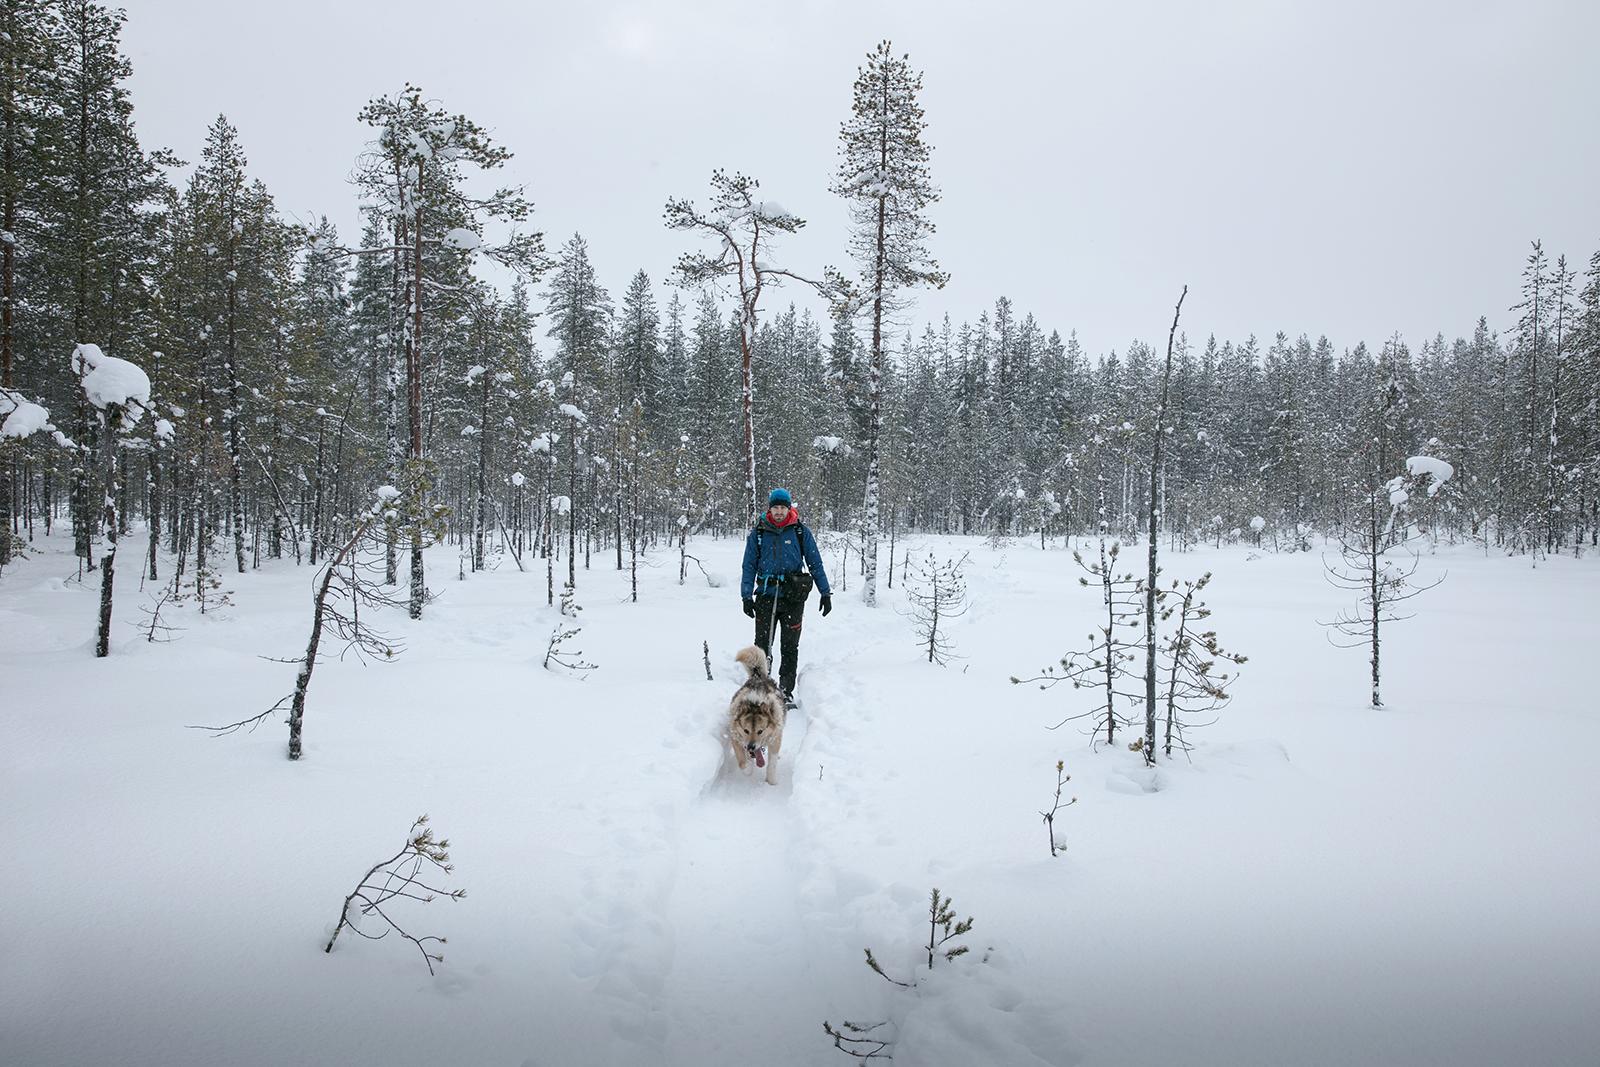 Activité hivernale en Finlande, la cani rando